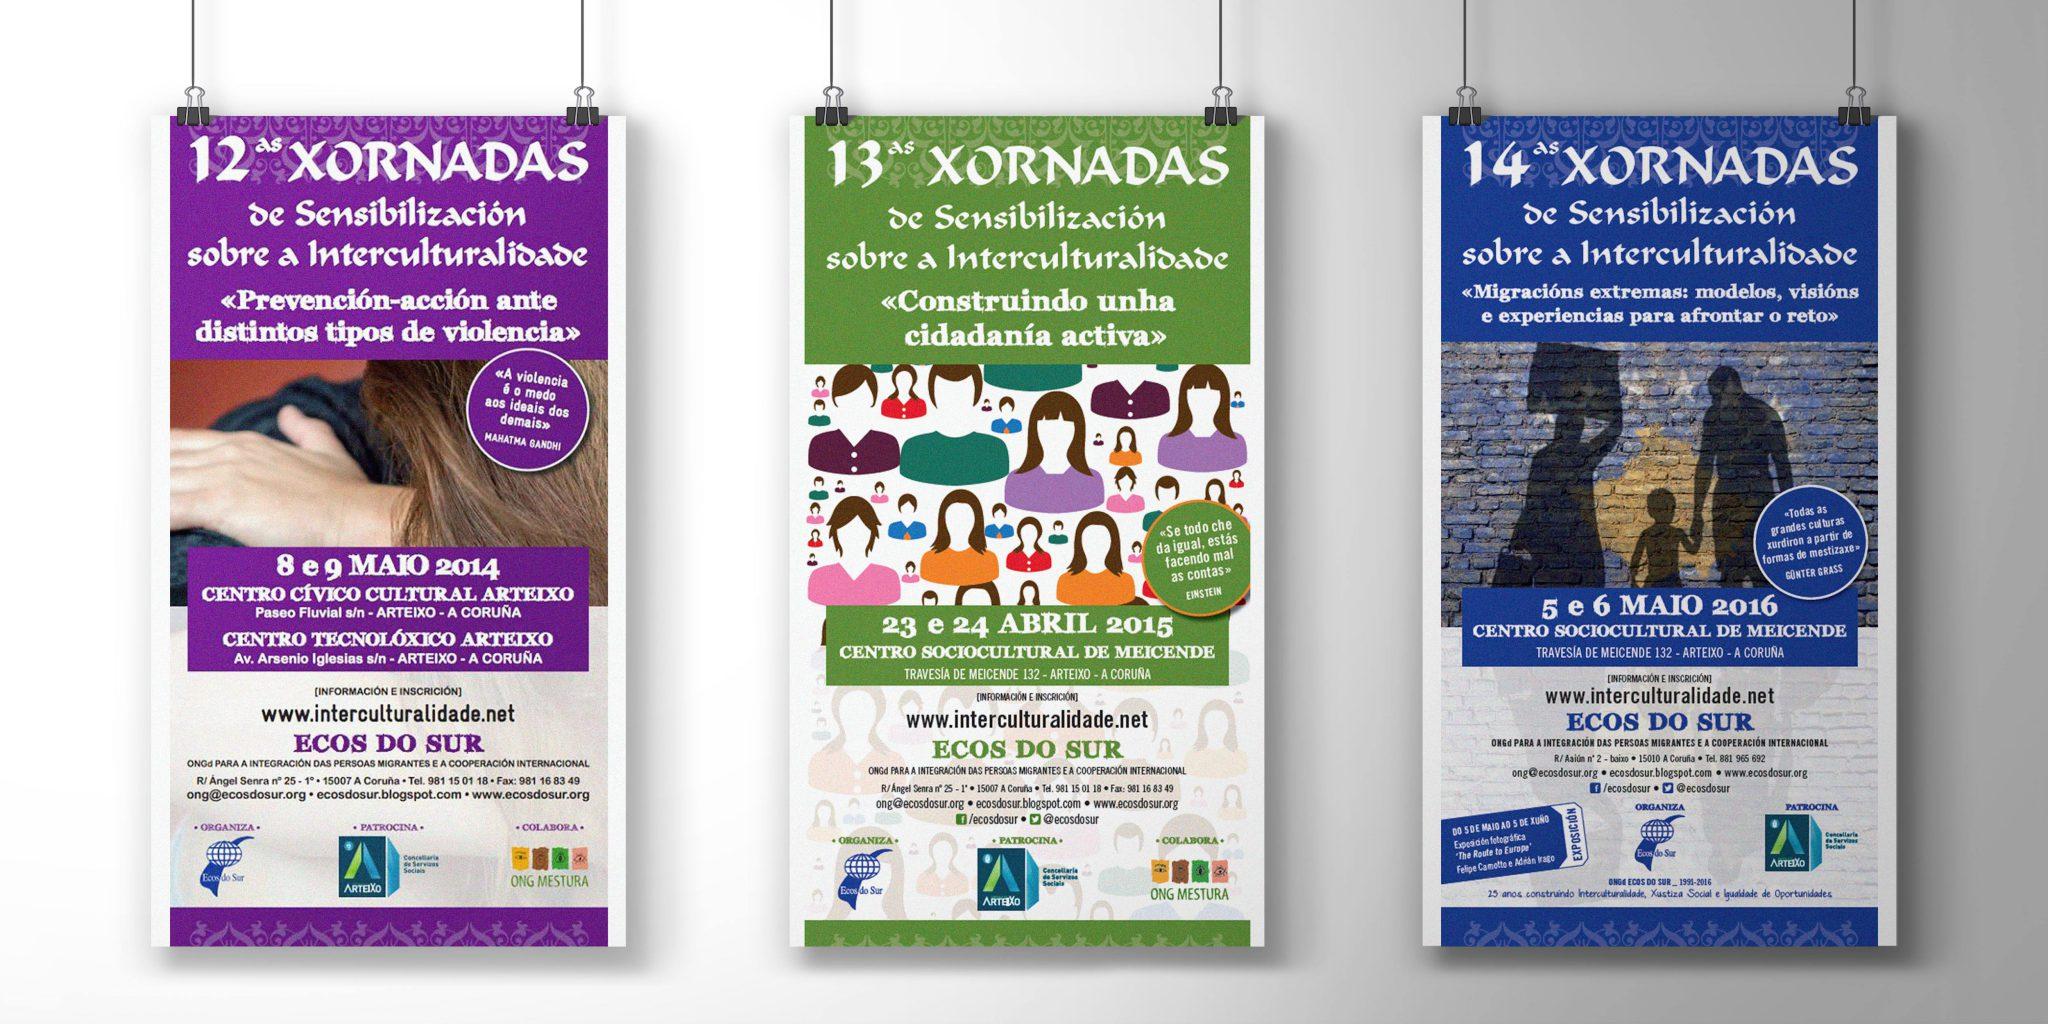 ecos-do-sur-interculturalidade-diseño-gráfico-diseñador-diseño-publicitario-publicidad-xaniño-coruña-cartelería